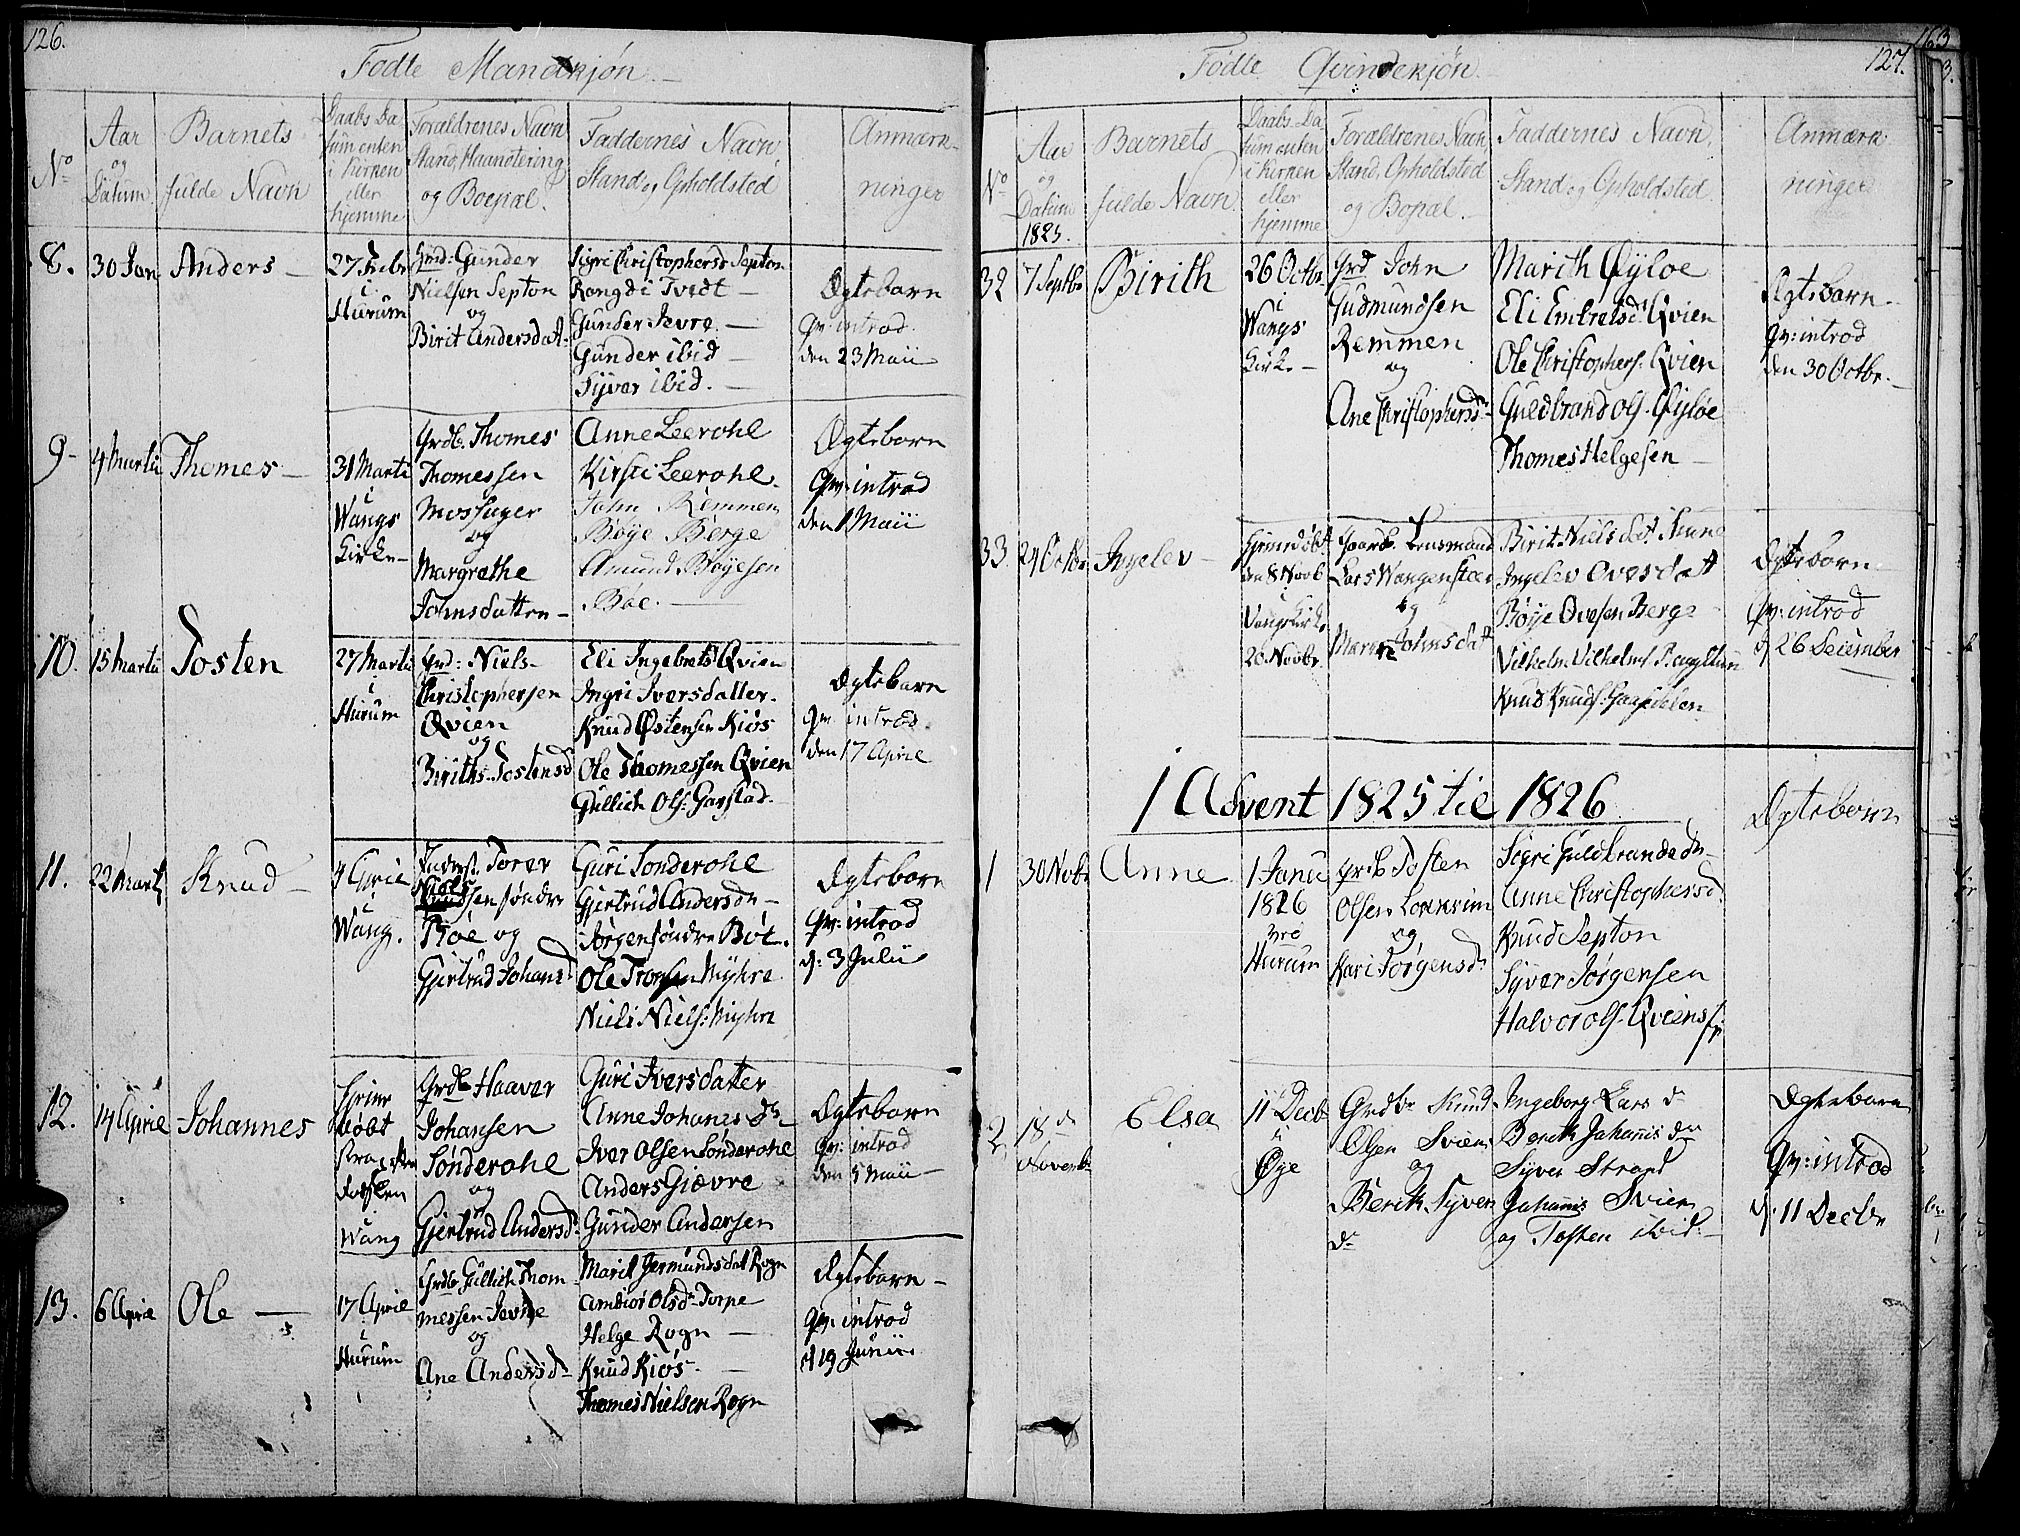 SAH, Vang prestekontor, Valdres, Ministerialbok nr. 3, 1809-1831, s. 126-127